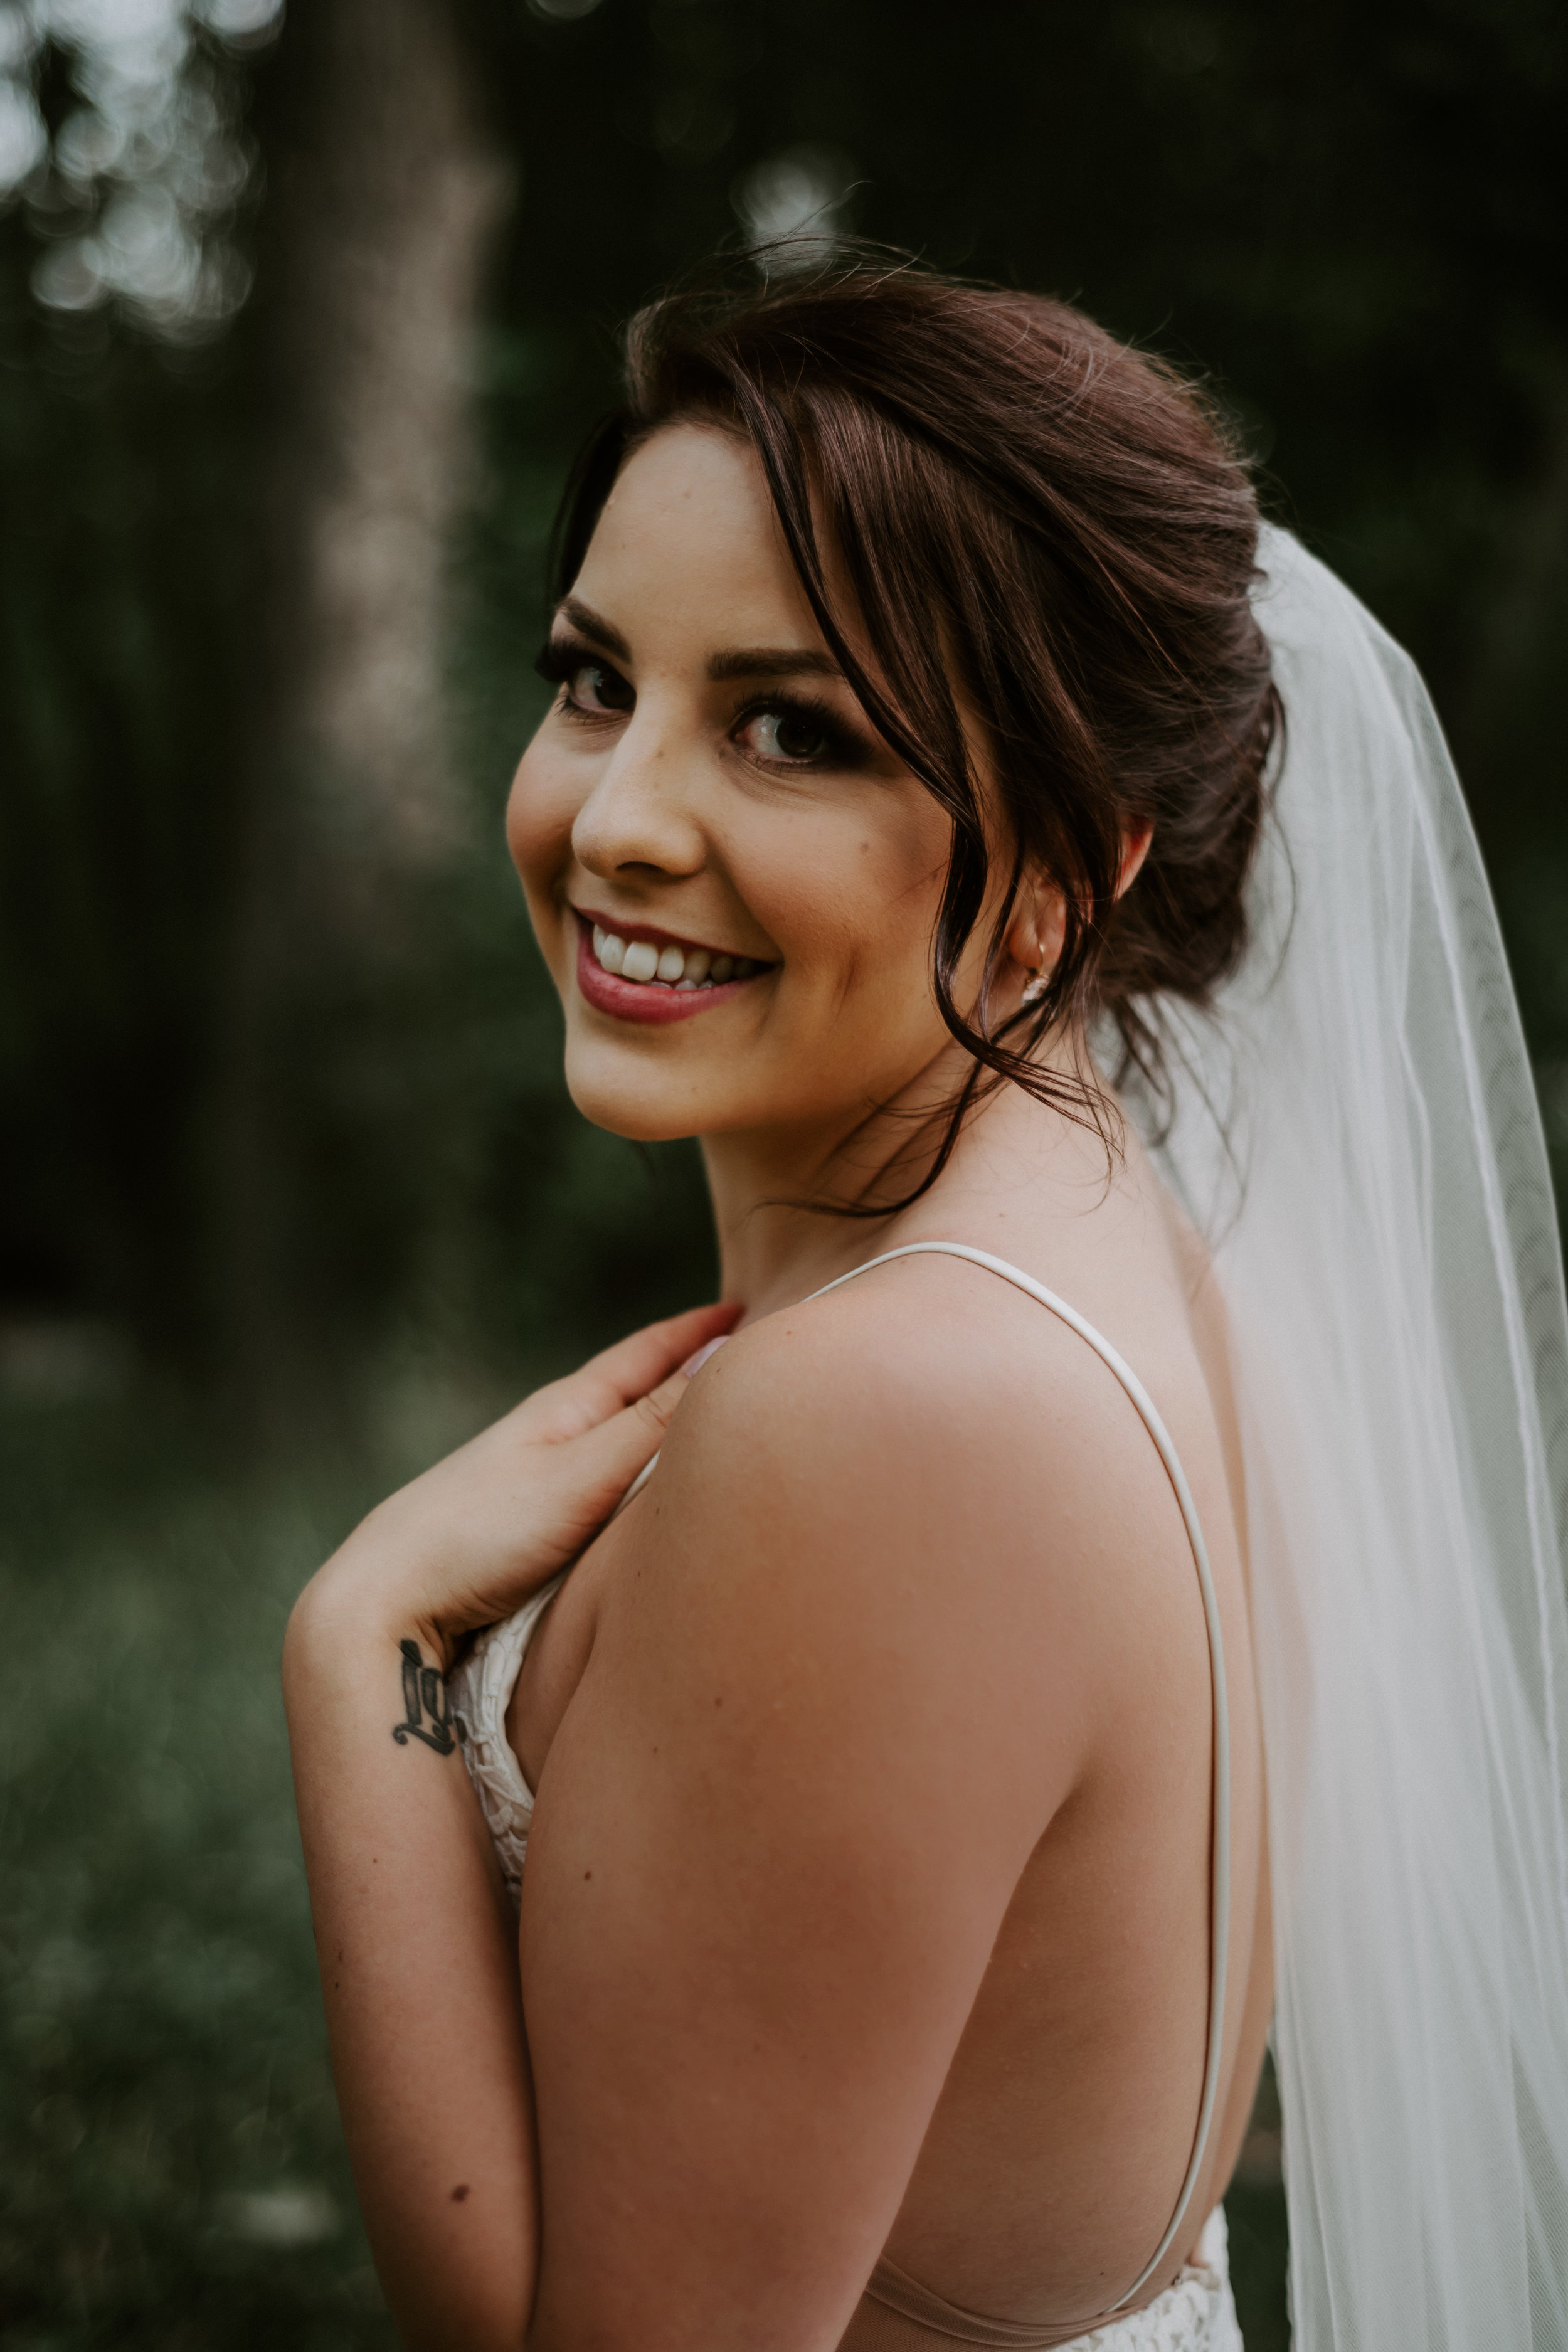 Calgary Wedding Photographer - 58 of 84.jpg